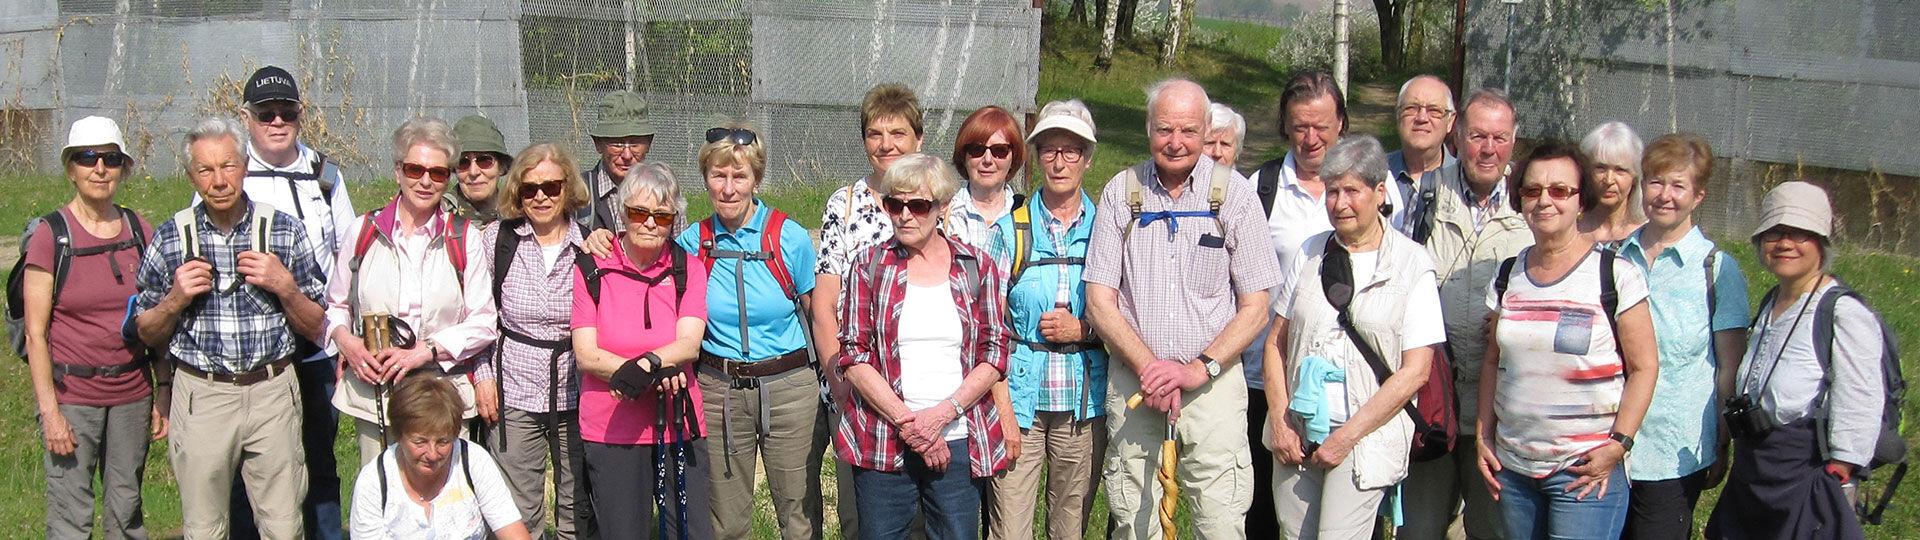 Samstagswandergruppe am ehem. Grenzzaun im Fallstein